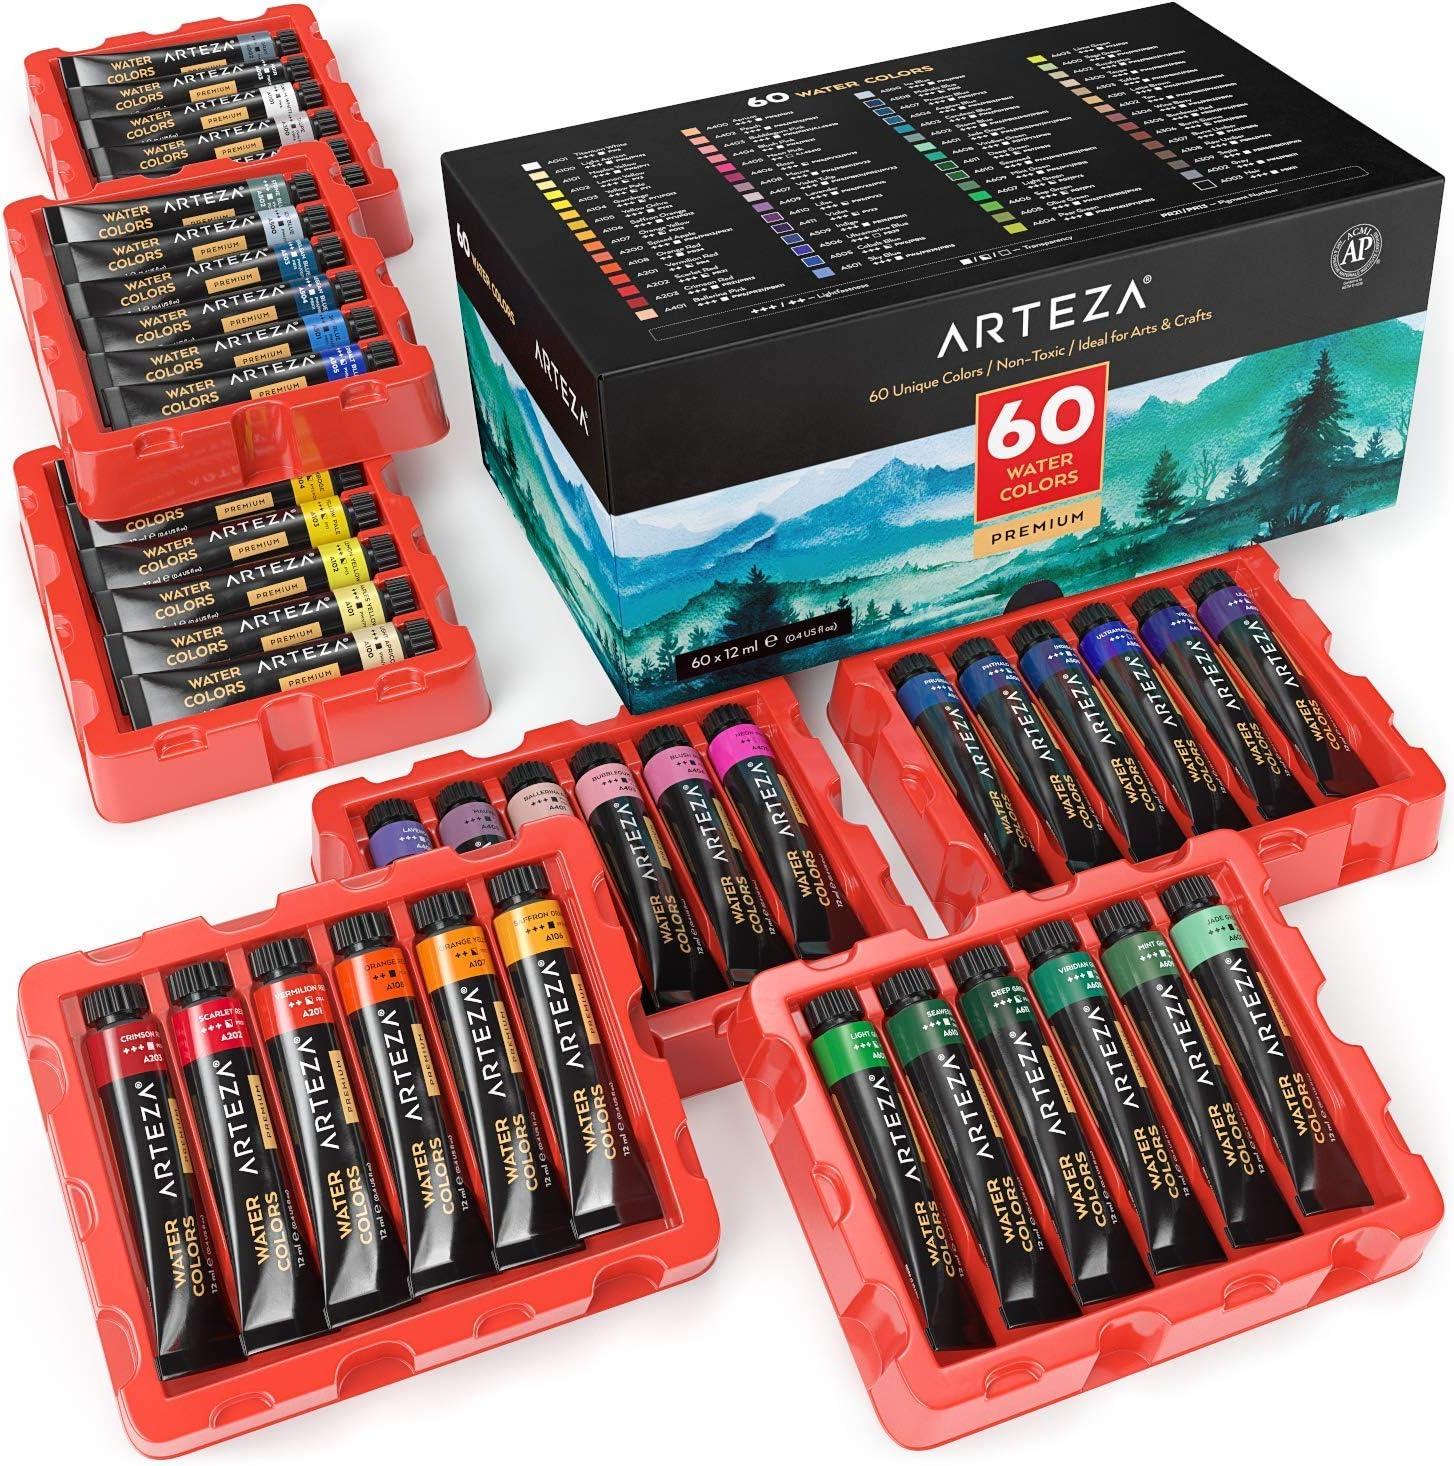 Arteza Pinturas de acuarela de calidad | Set de 60 colores | Tubos de 12 ml | Acuarelas de colores para artistas, estudiantes y principiantes